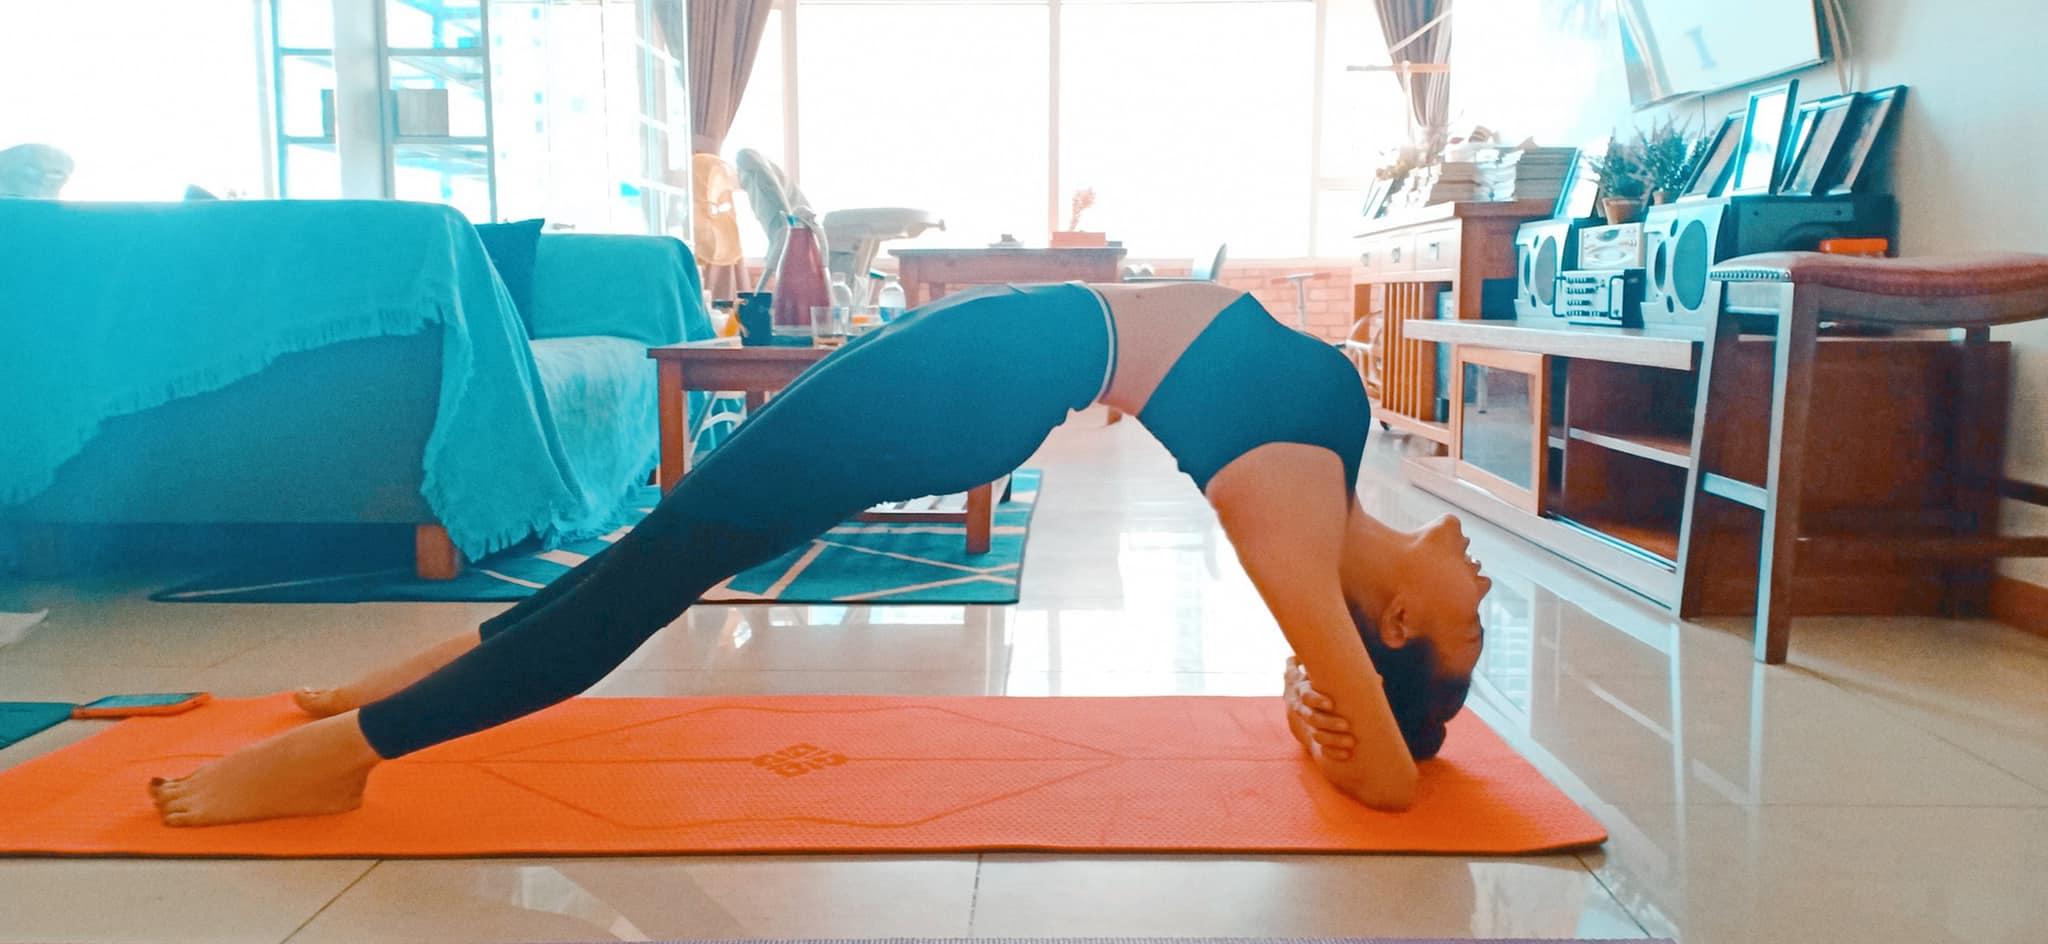 Mẹ đơn thân sở hữu chục nghìn mét đất: Trẻ đẹp nhờ môn Bikram yoga - 3